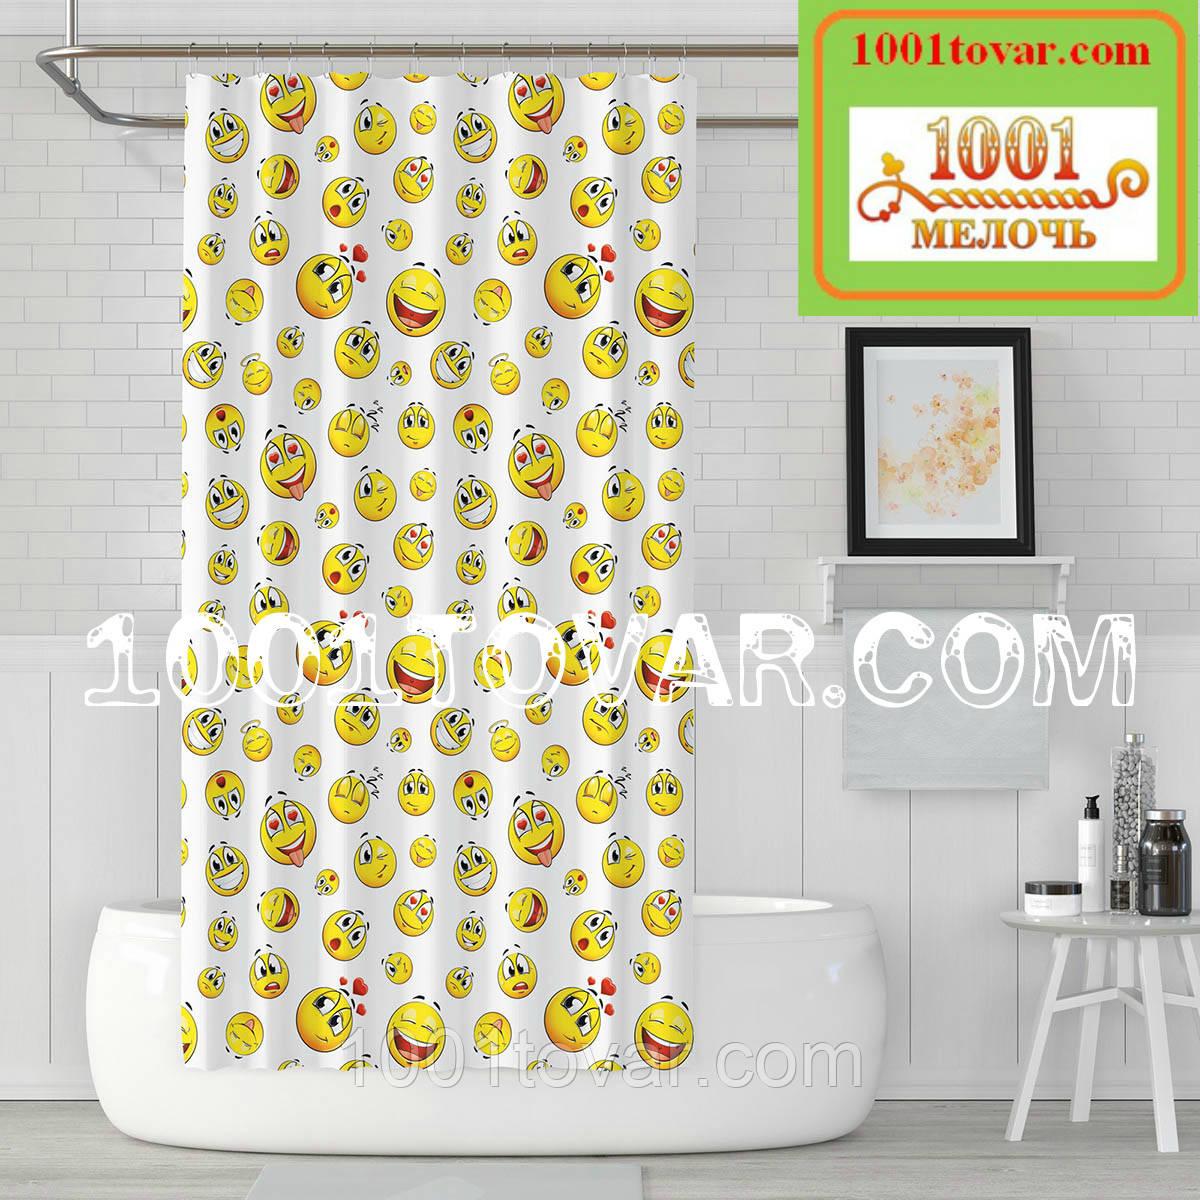 """Тканевая шторка для ванной комнаты из полиэстера """"Emoji"""" (Эмоции, смайл)  Jackline, размер 180х200 см., Турция"""